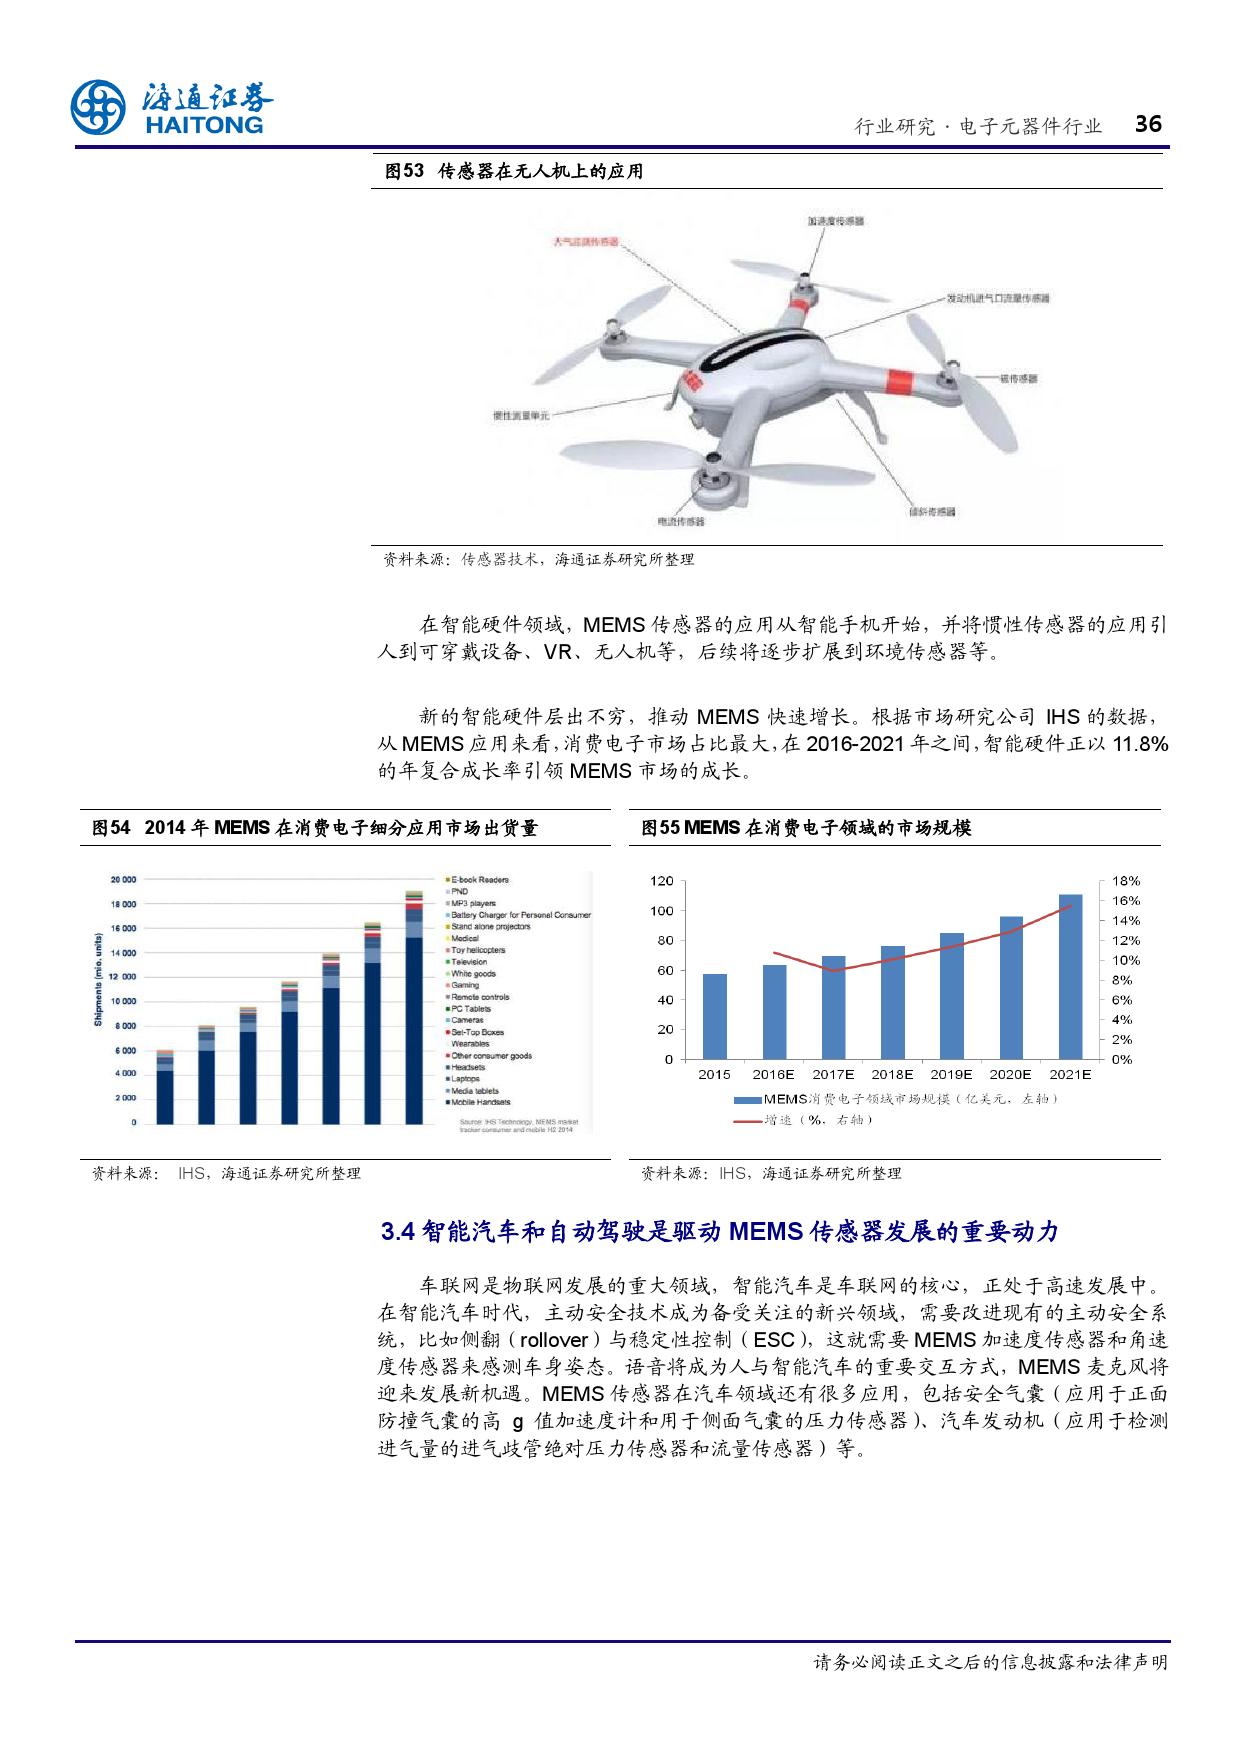 报告全解传感器全球产业链_000036